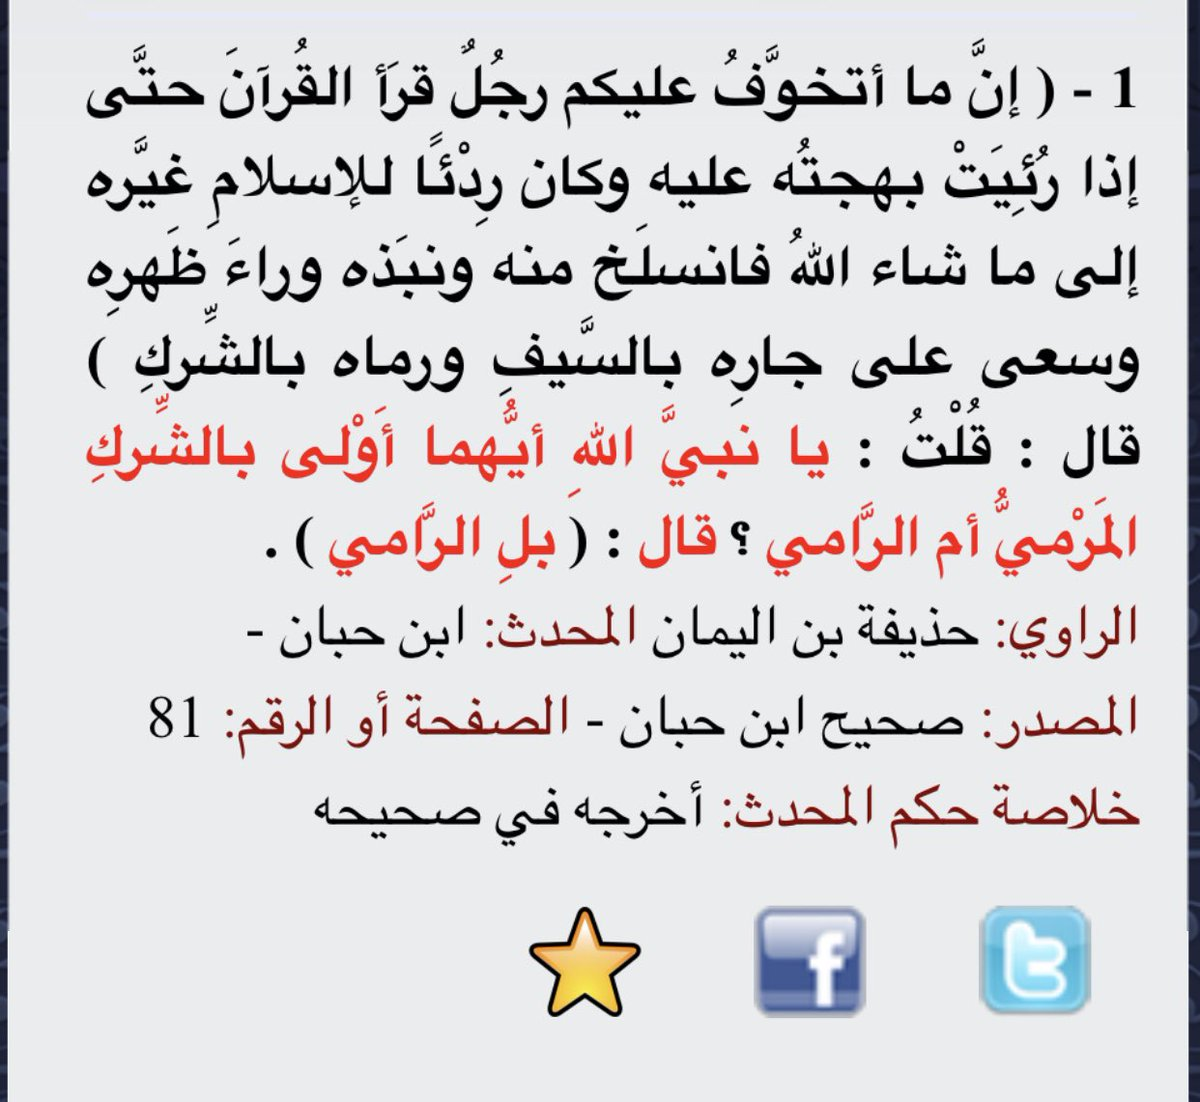 photo_1296075356370132993